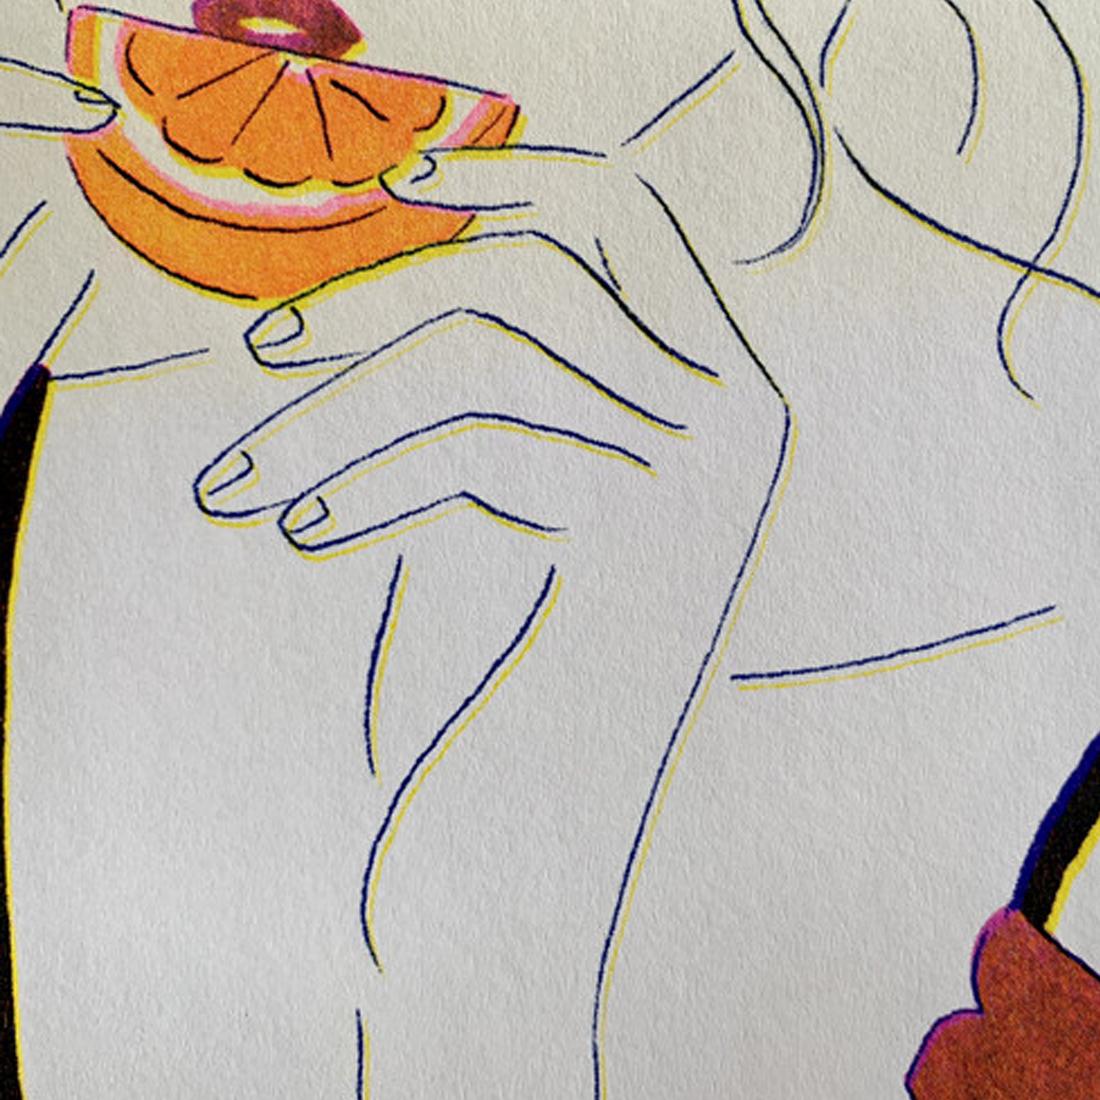 リソグラフ作品「オレンジ×ガーベラ」